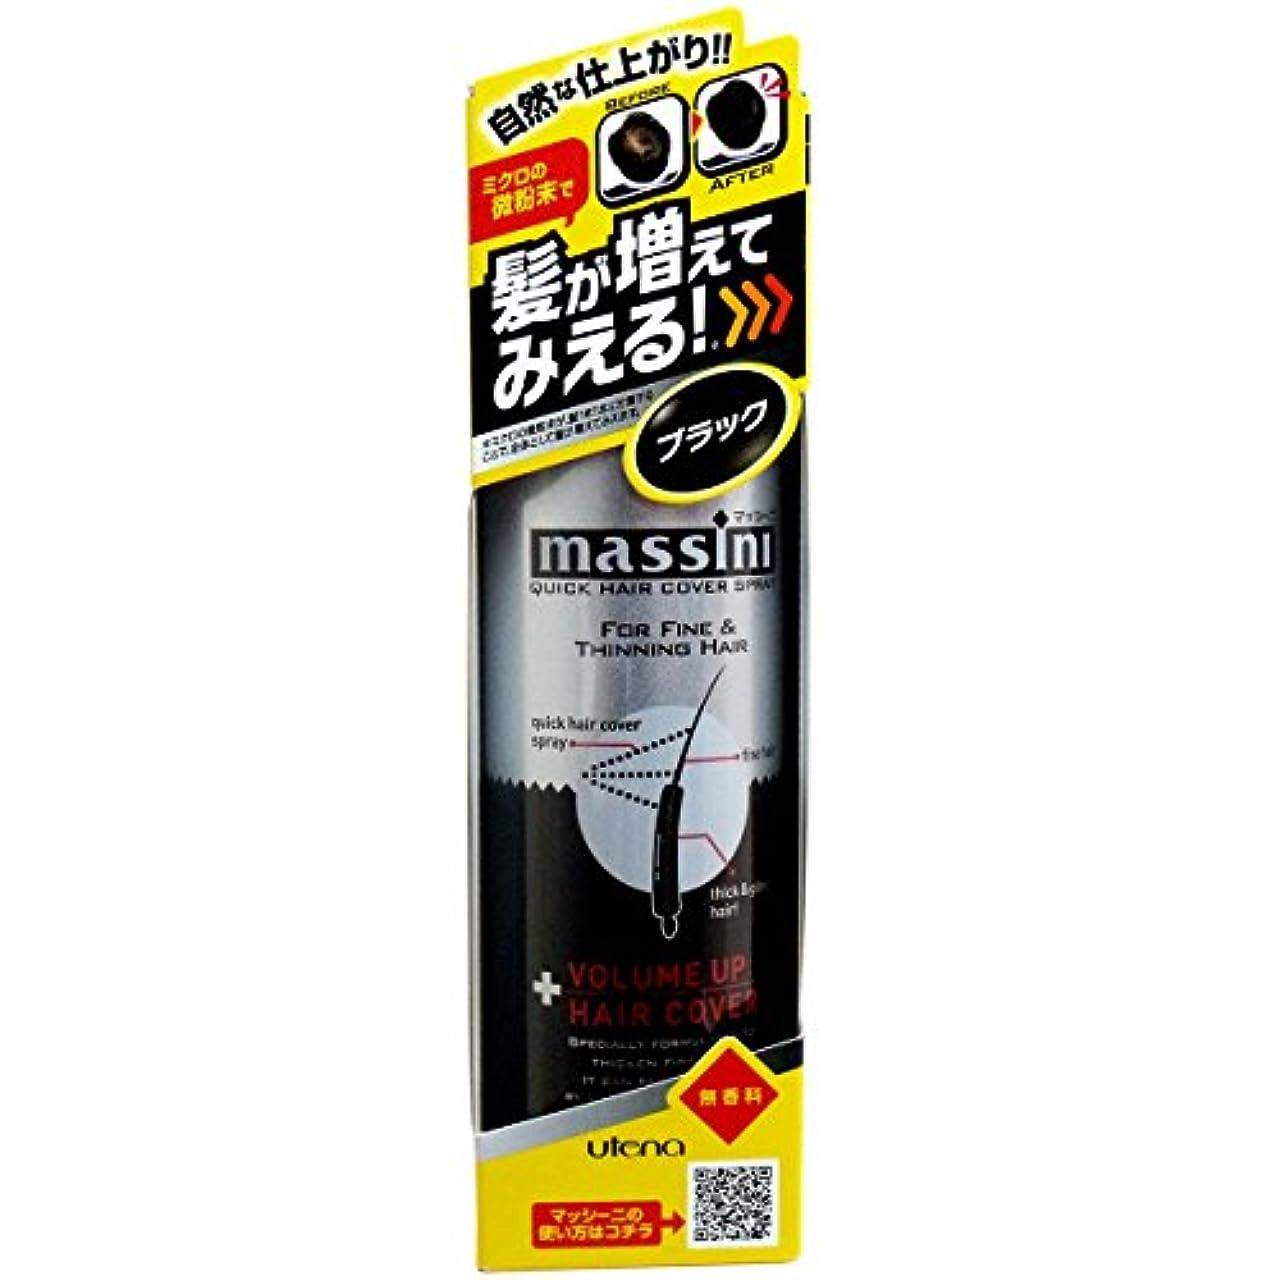 キャリア不誠実拡声器【まとめ買い】マッシーニ クイックヘアカバースプレーBK(ブラック) 1P ×2セット